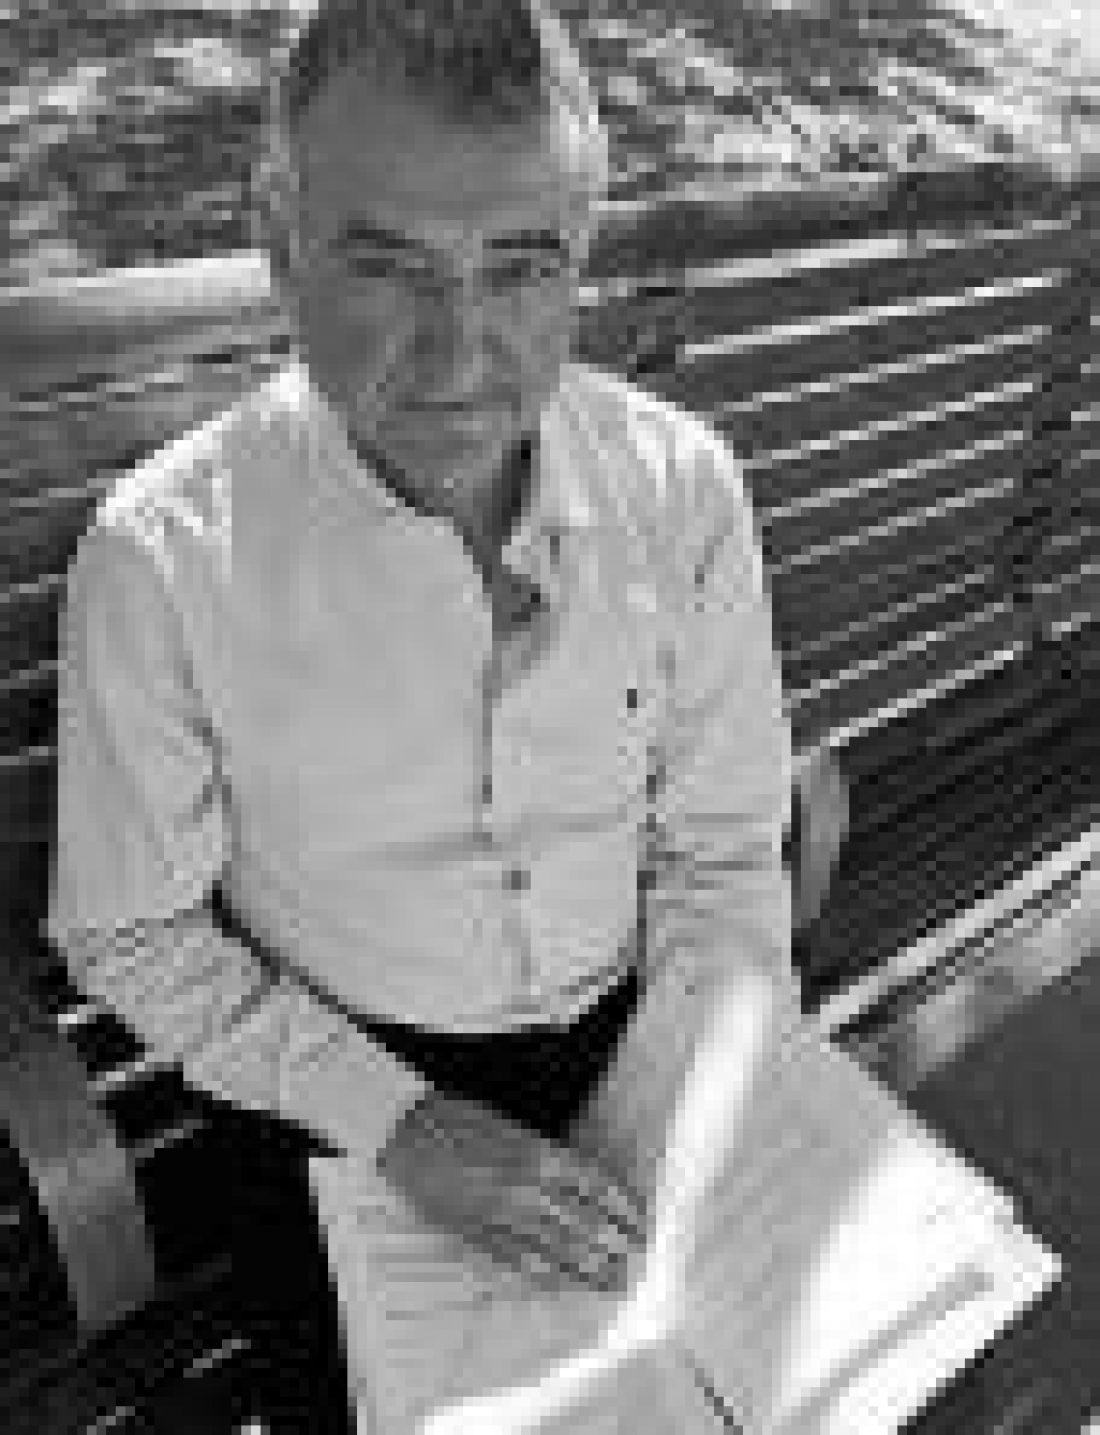 Por la readmisión inmediata del compañero Arturo Acón